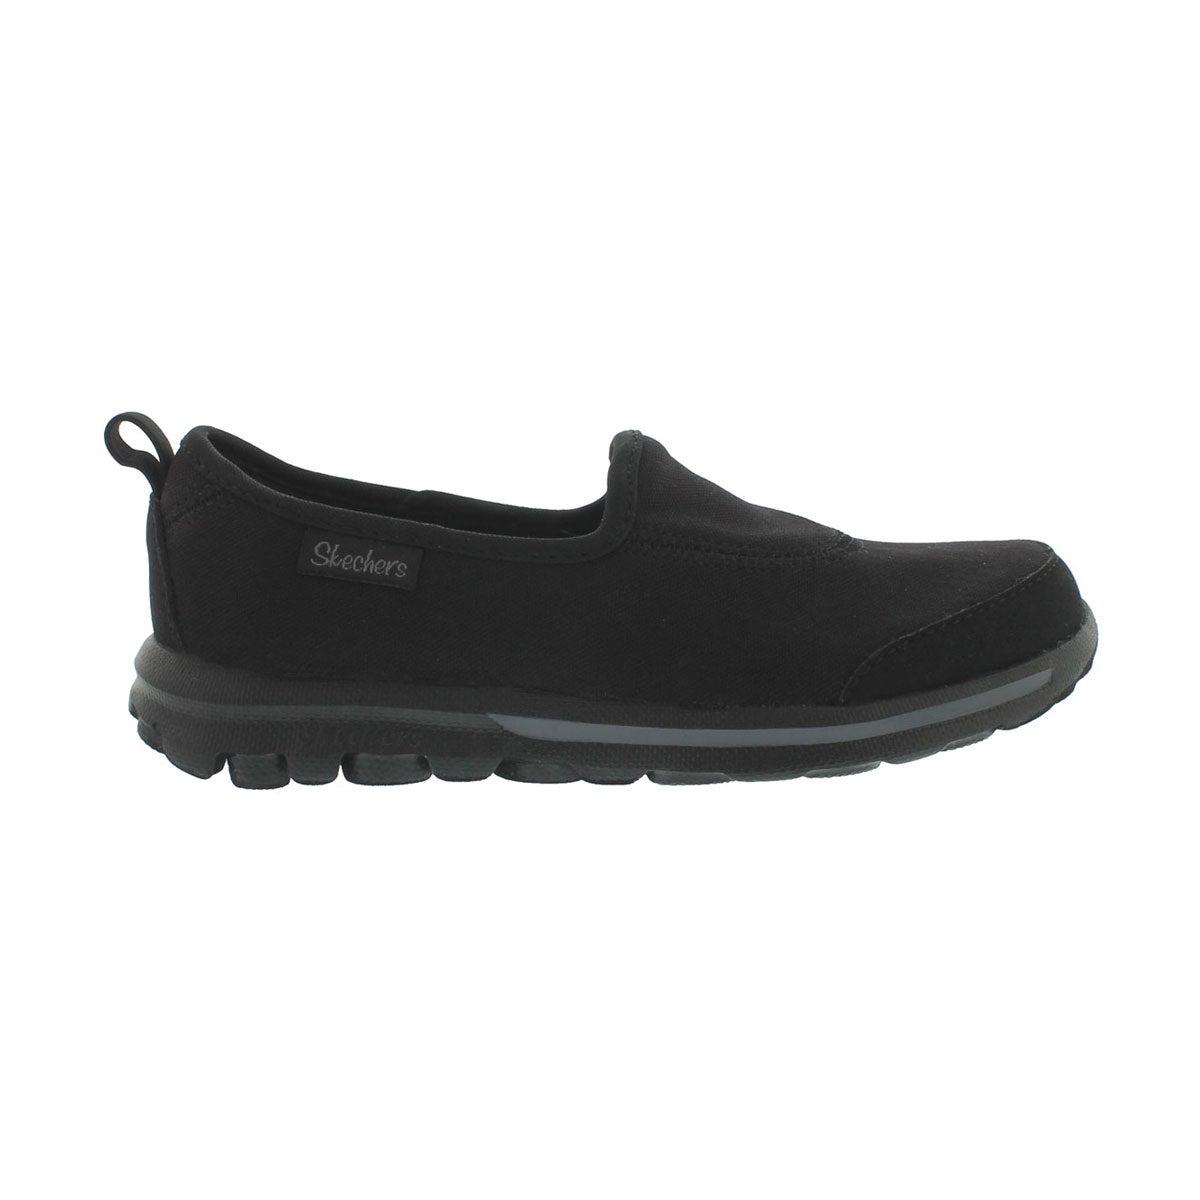 Grls GOwalk blk/blk slip on sneaker